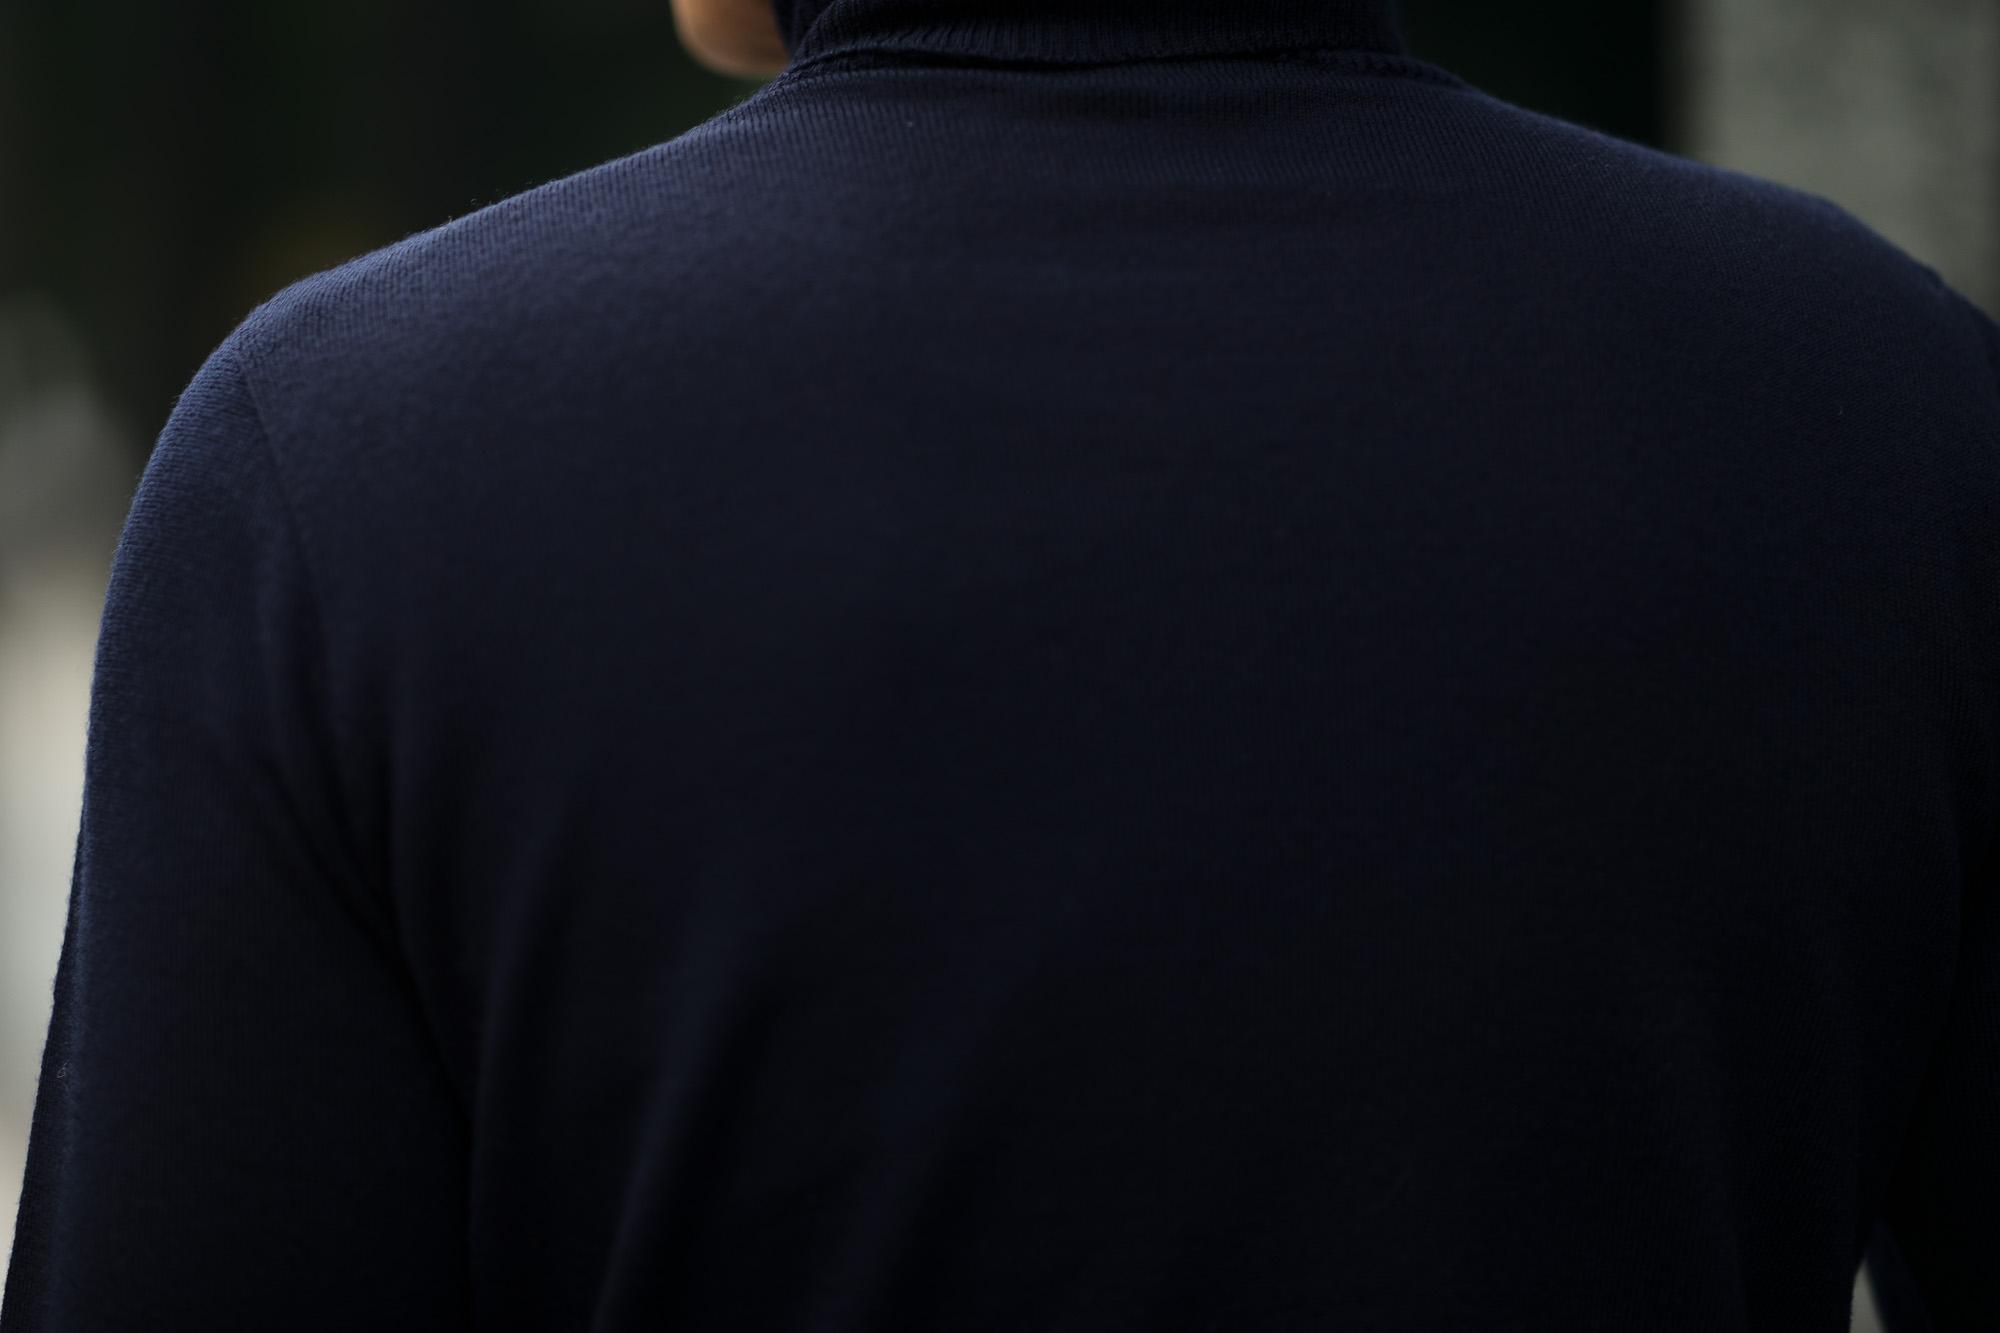 Cuervo(クエルボ) Sartoria Collection (サルトリア コレクション) John (ジョン) 12G WOOL (12ゲージウール) タートルネック セーター NAVY (ネイビー)  MADE IN JAPAN (日本製) 2019 秋冬新作 愛知 名古屋 altoediritto アルトエデリット